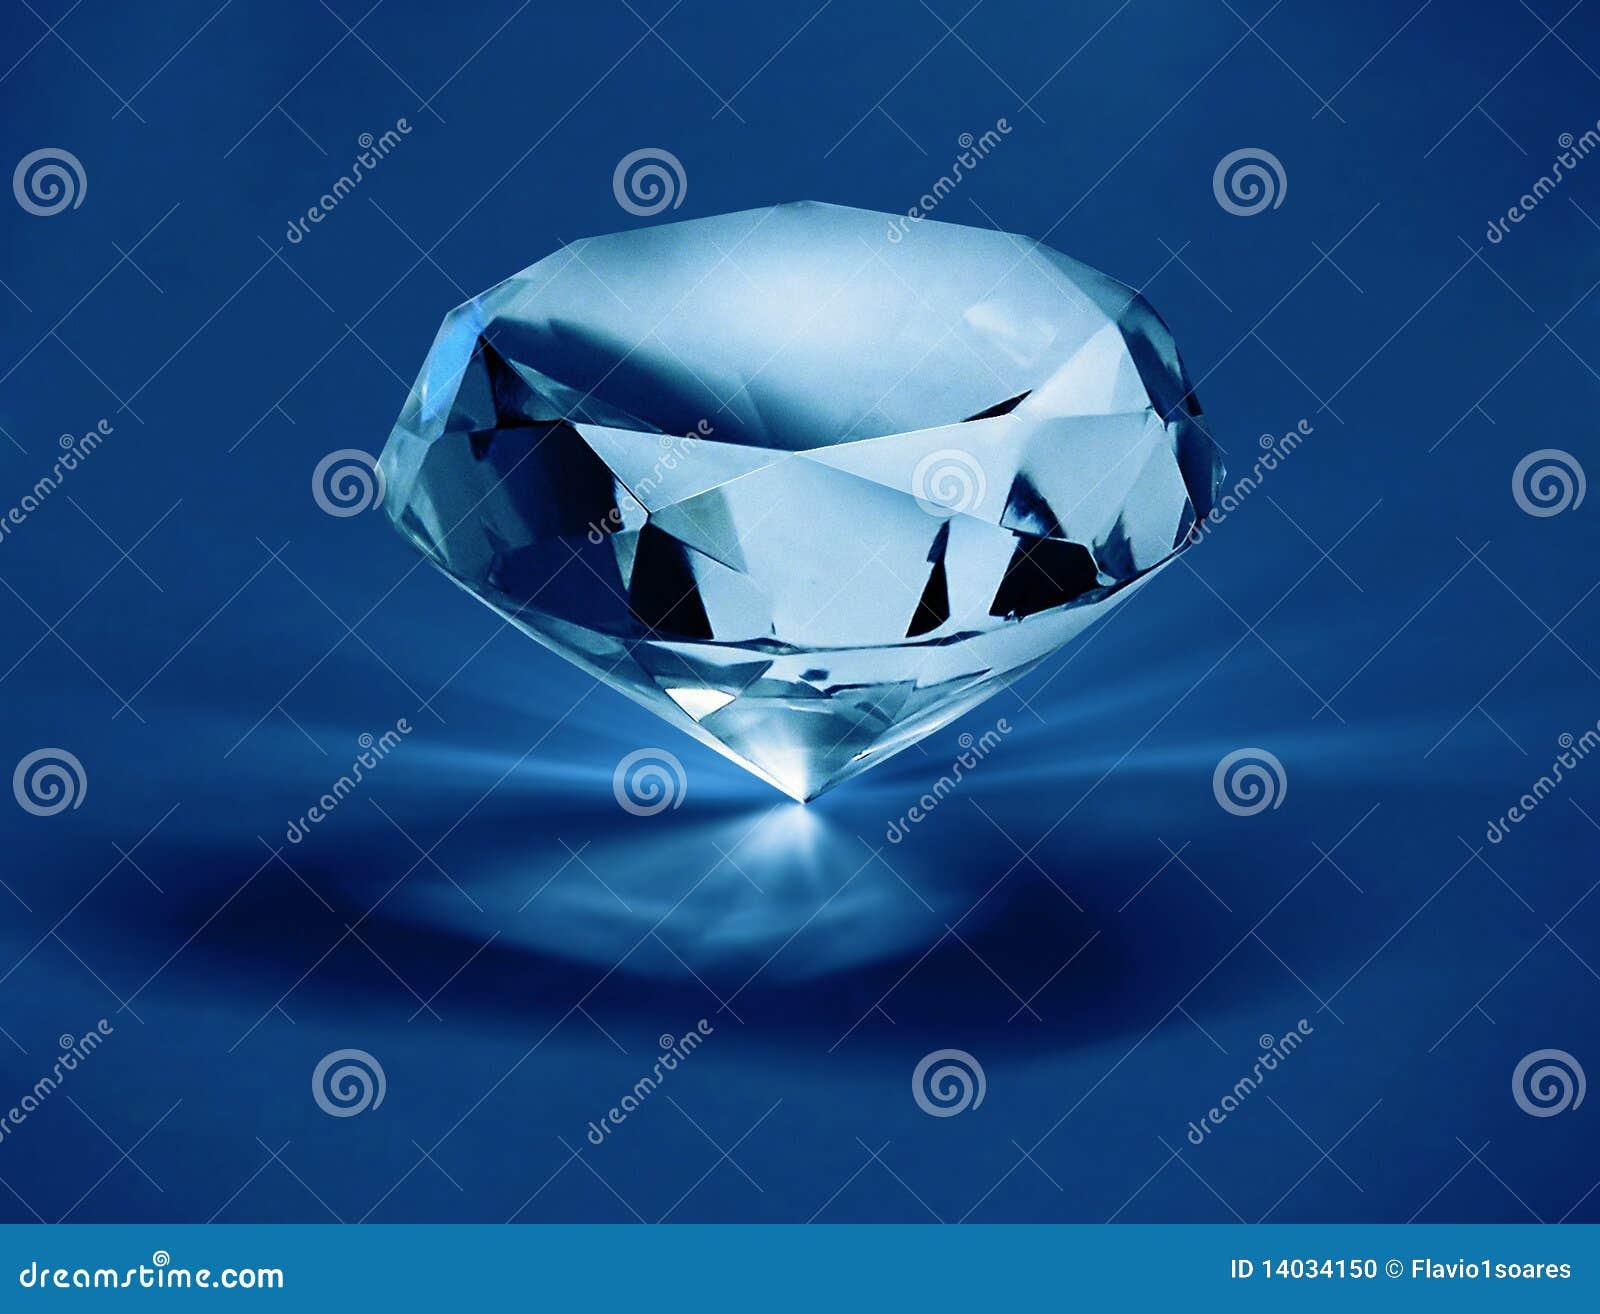 Diamante em f1s azul